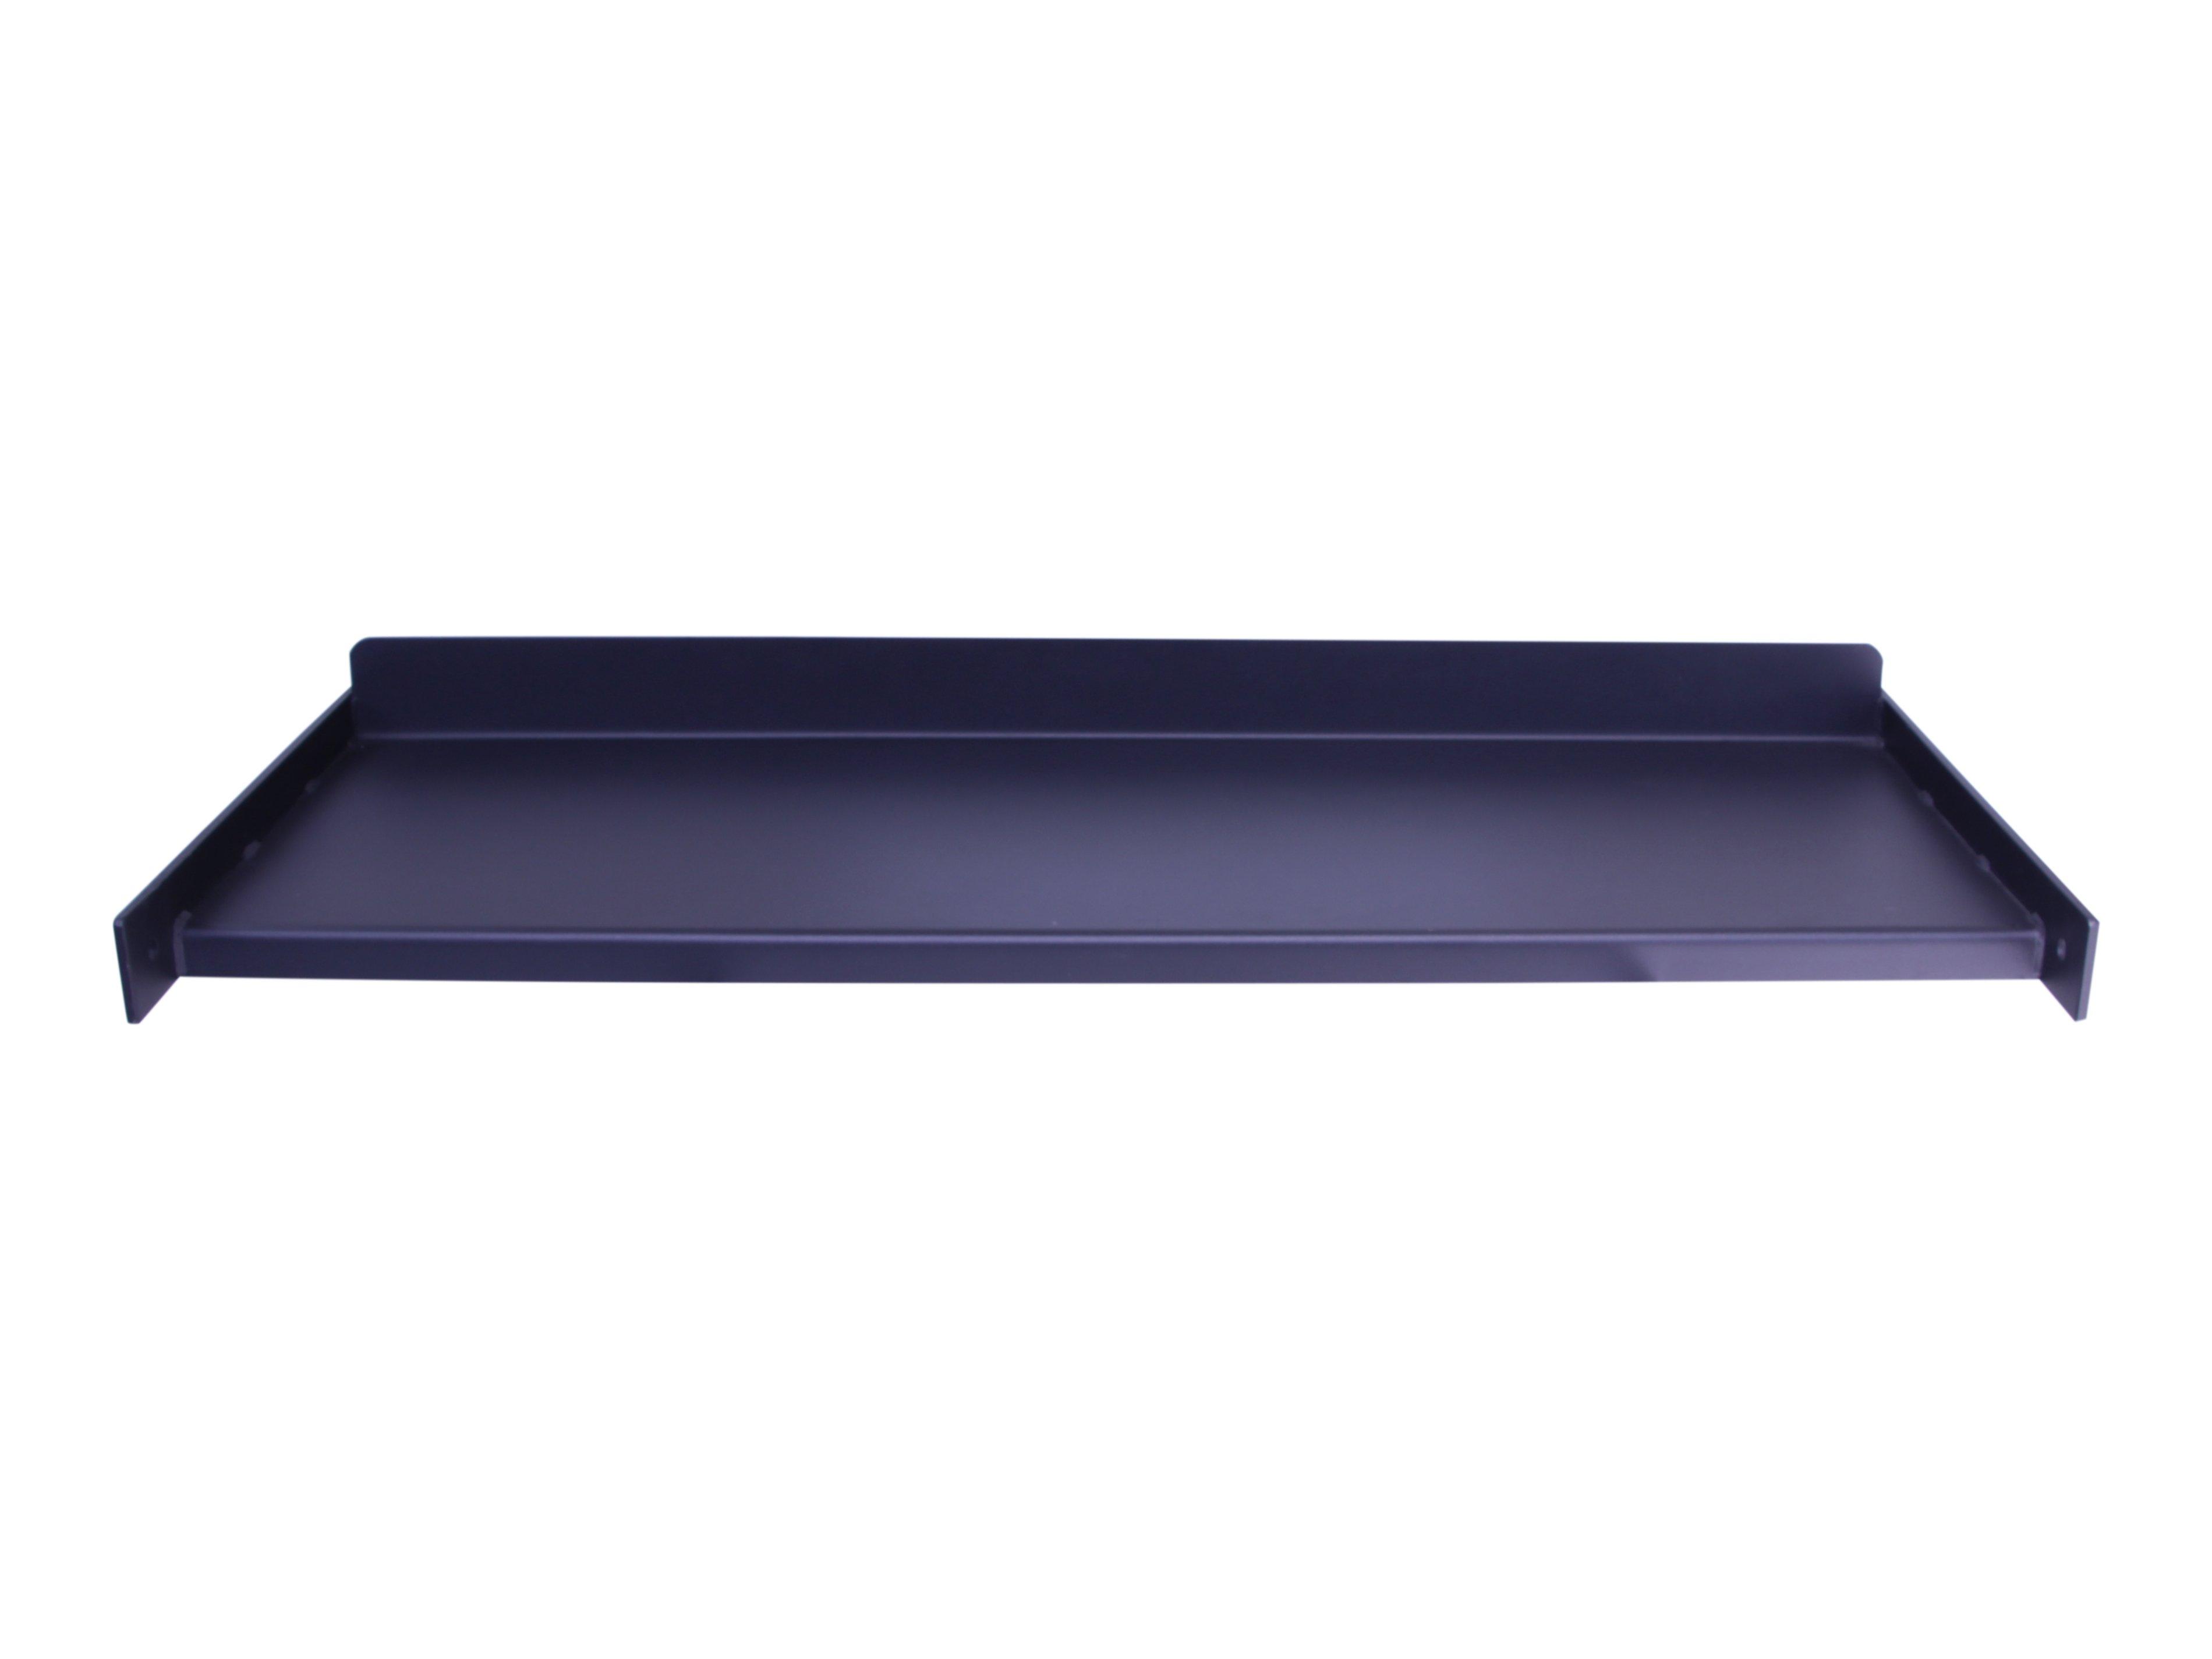 Crossmaxx Storage Dumbbell/Kettlebell Shelf